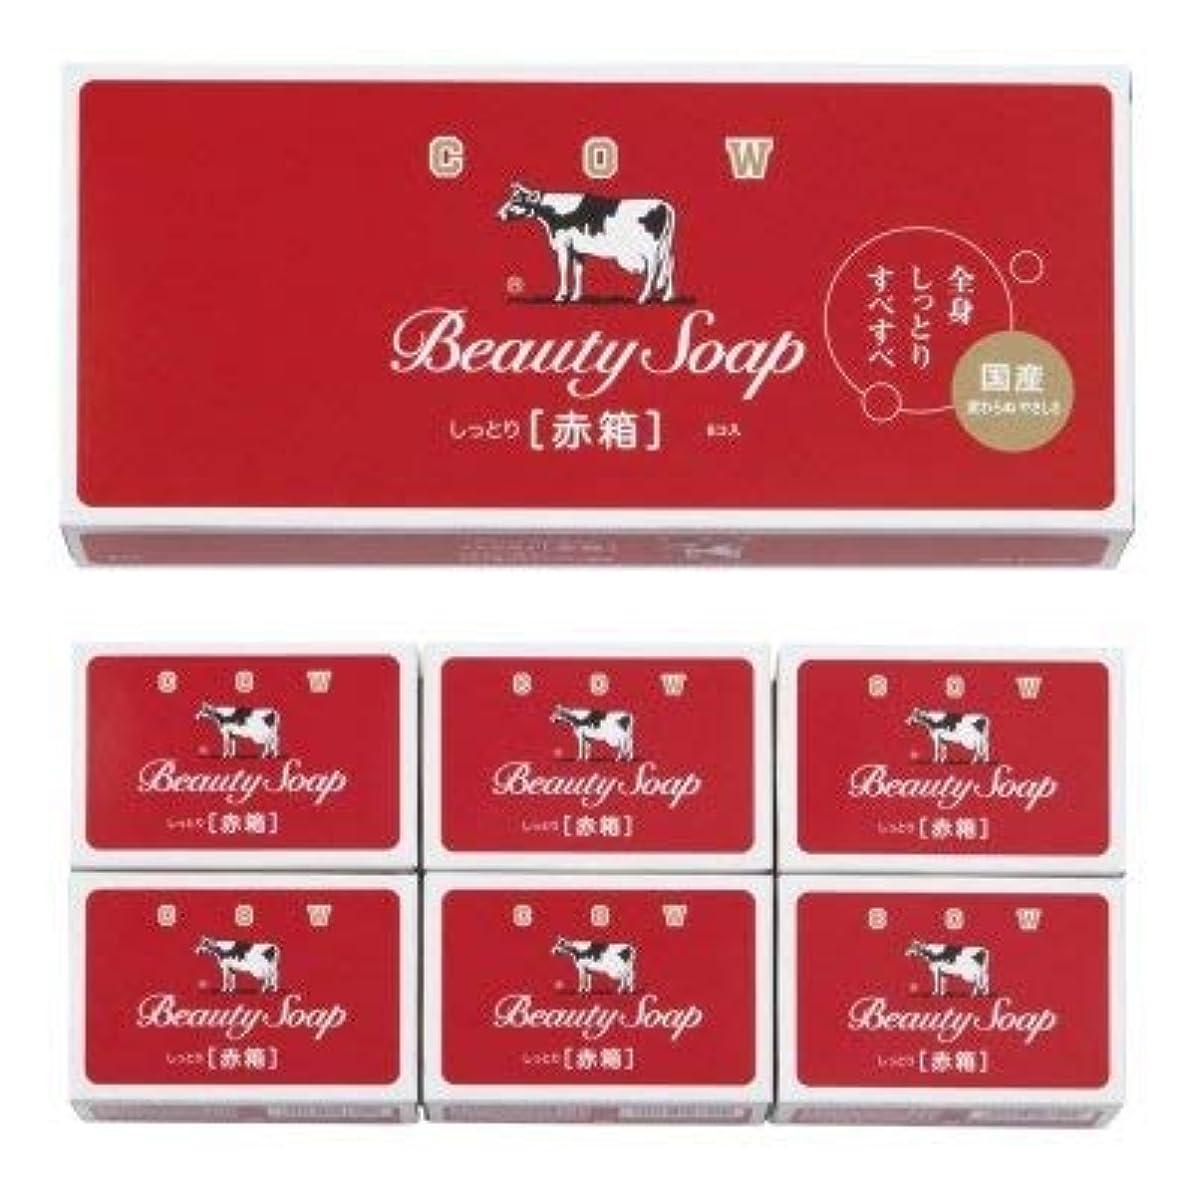 薬理学ふつう暗くする【国産】牛乳石鹸 カウブランド 赤箱6コ入 (12個1セット)